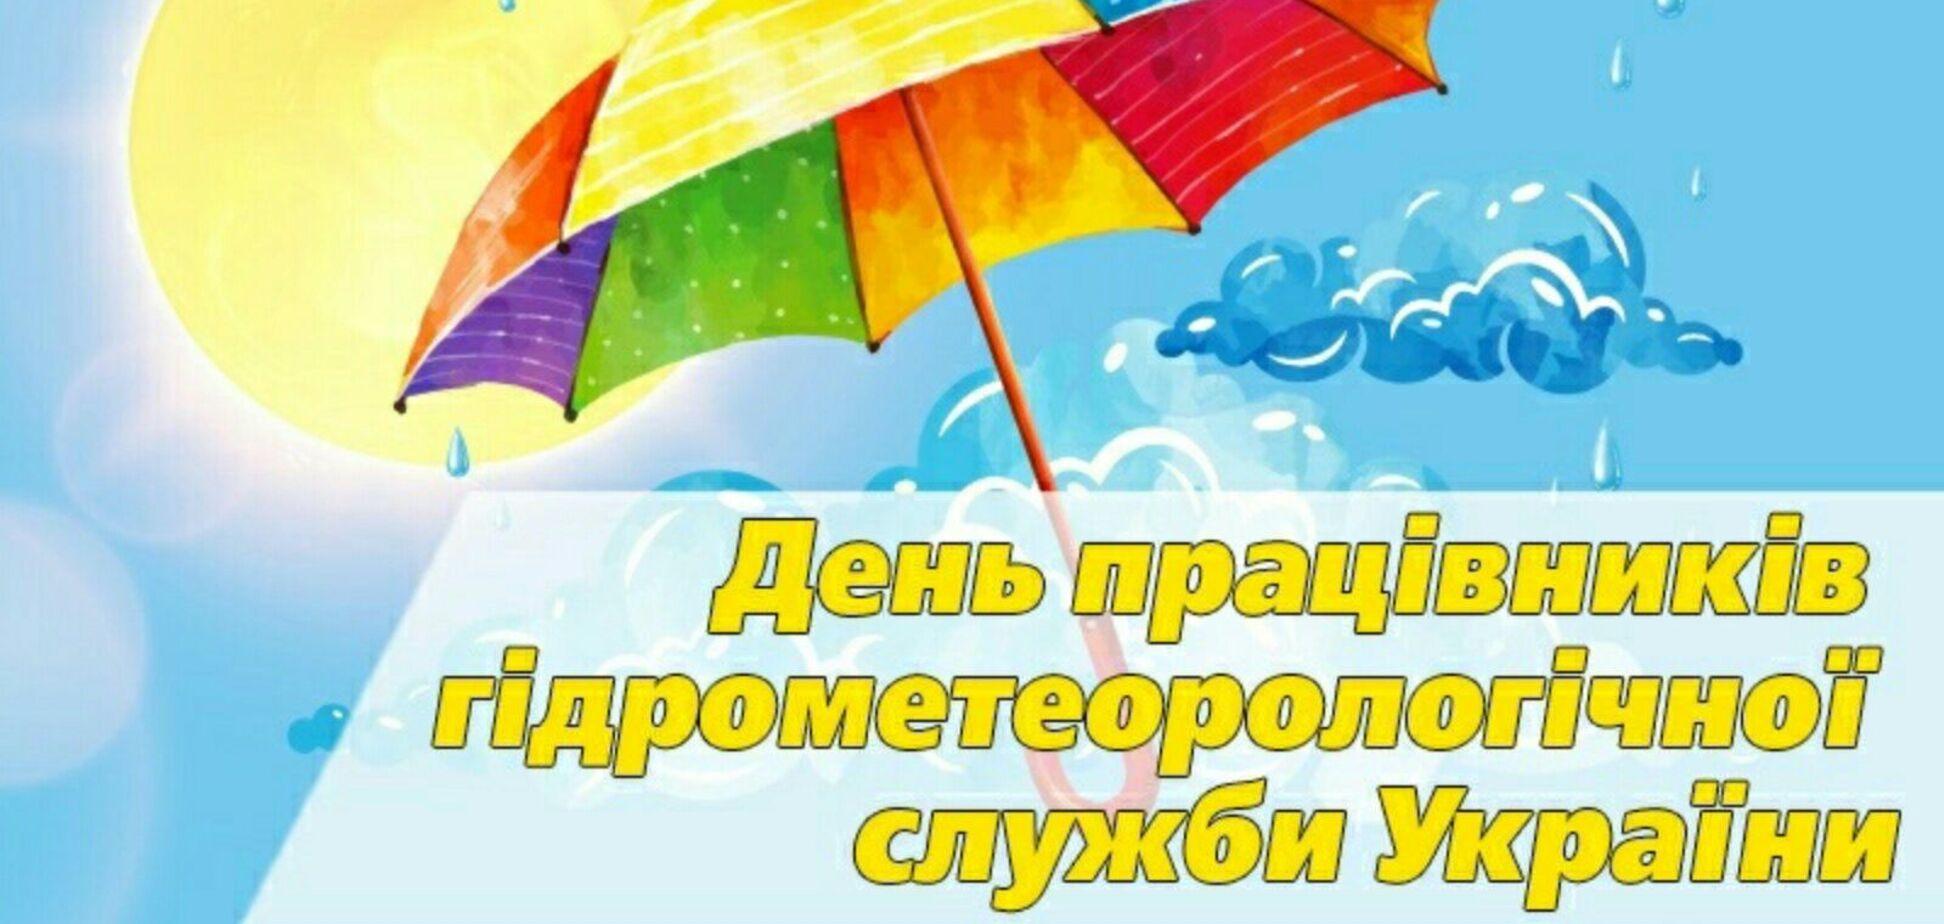 День метеоролога в Україні відзначається 19 листопада